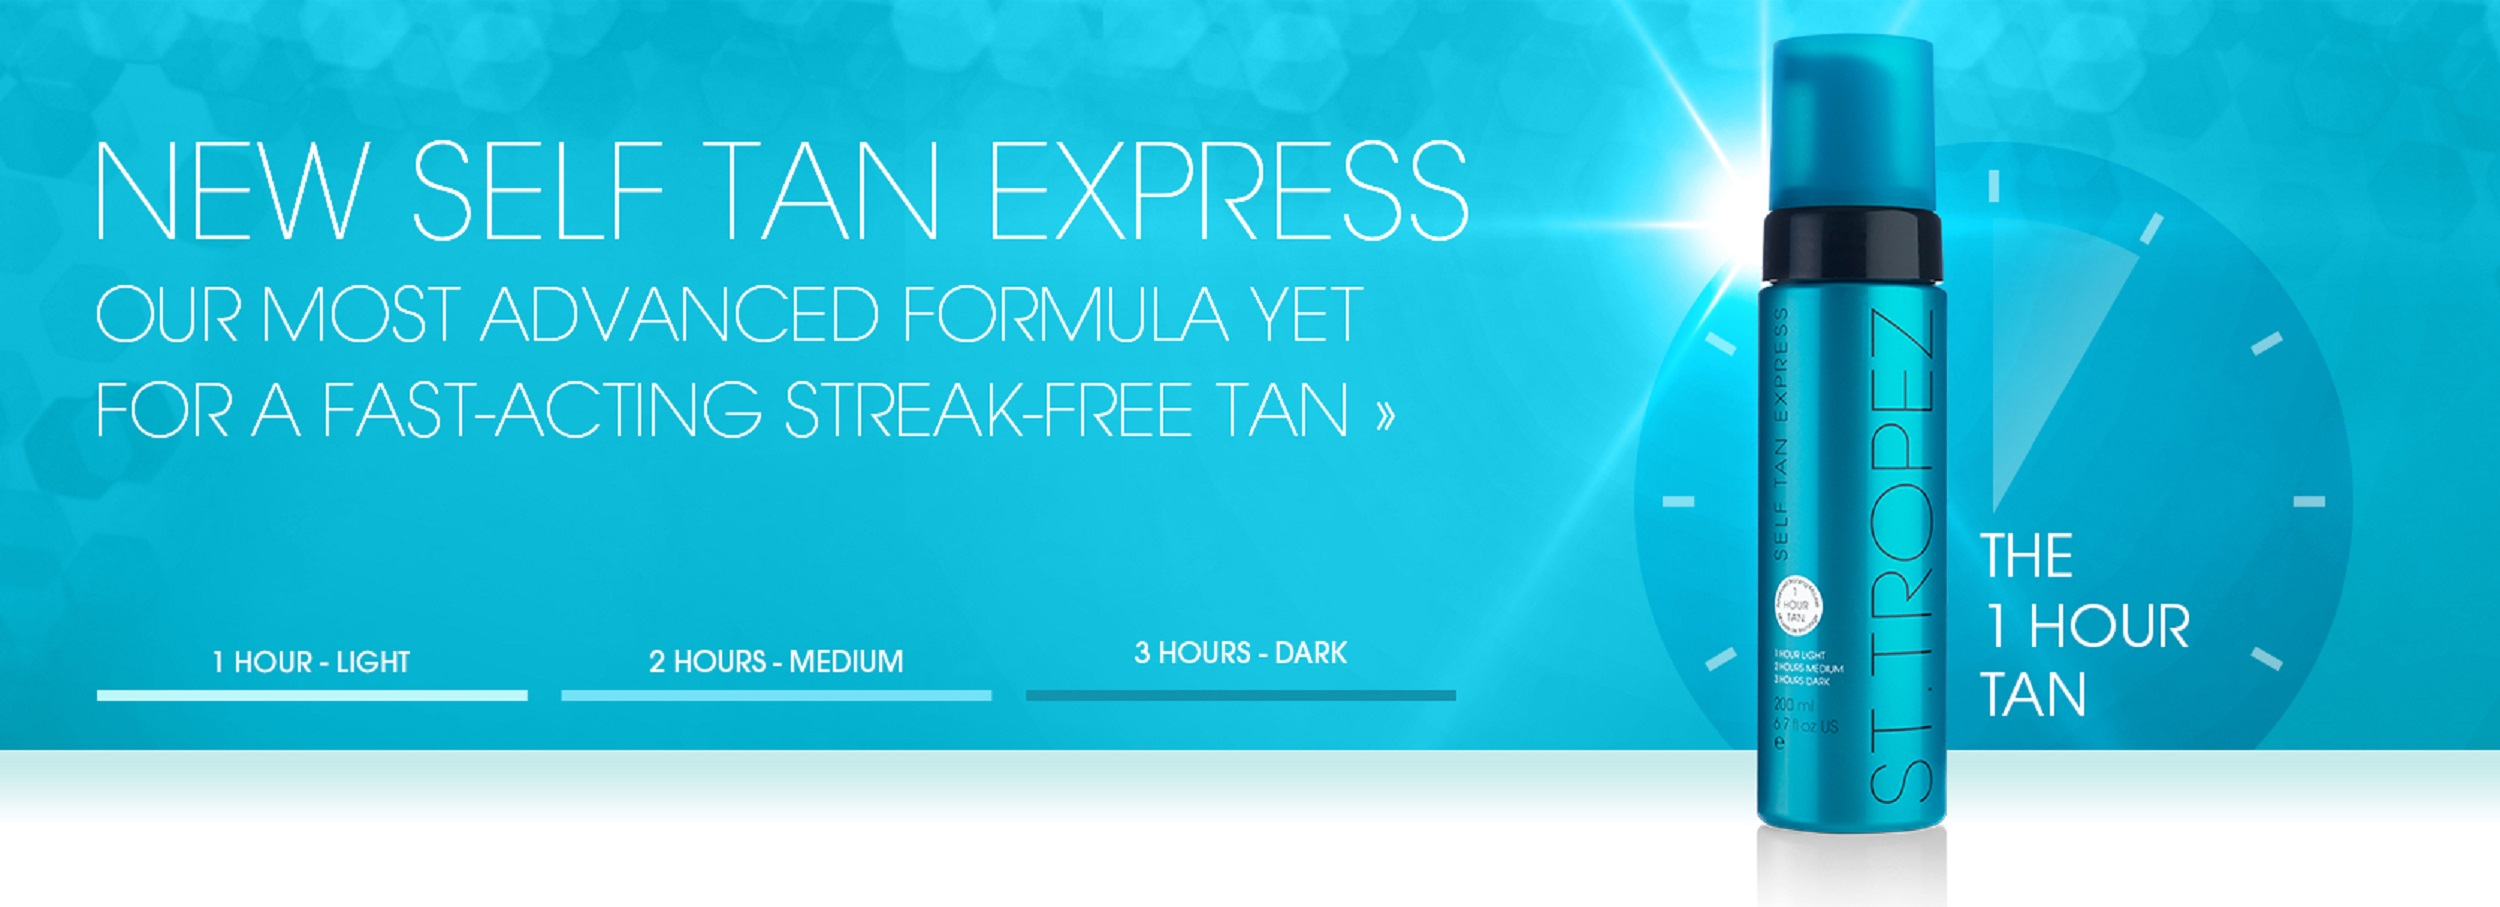 St. Tropez Self tan express - 1 hour tan